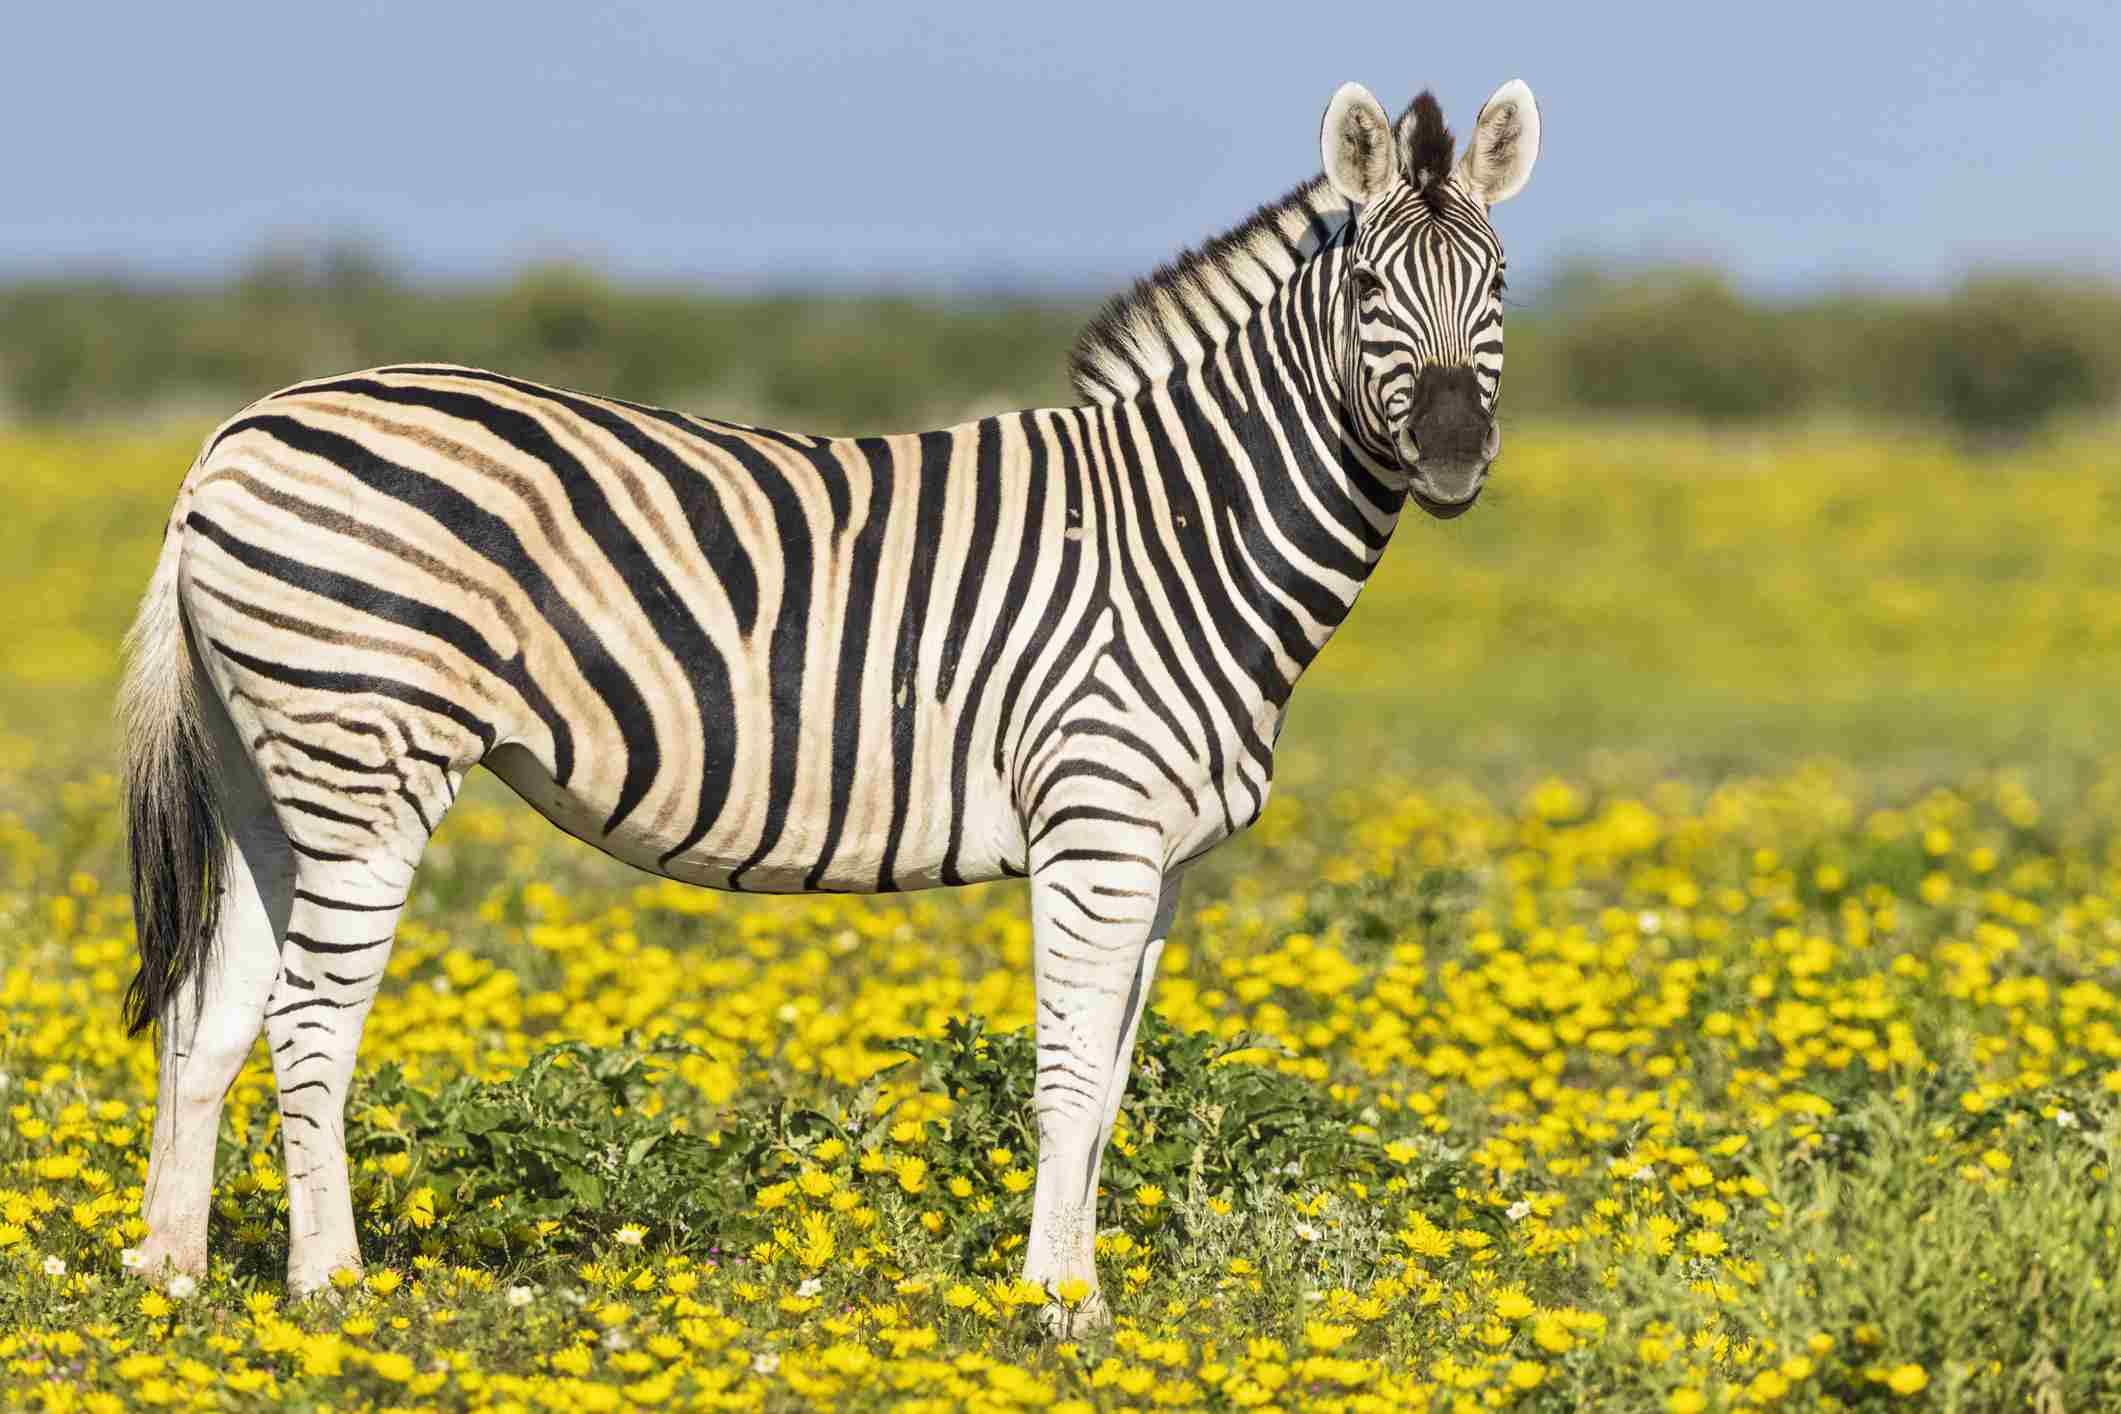 Burchells Zebras, Equus quagga burchelli, stehen auf gelber Blumenwiese